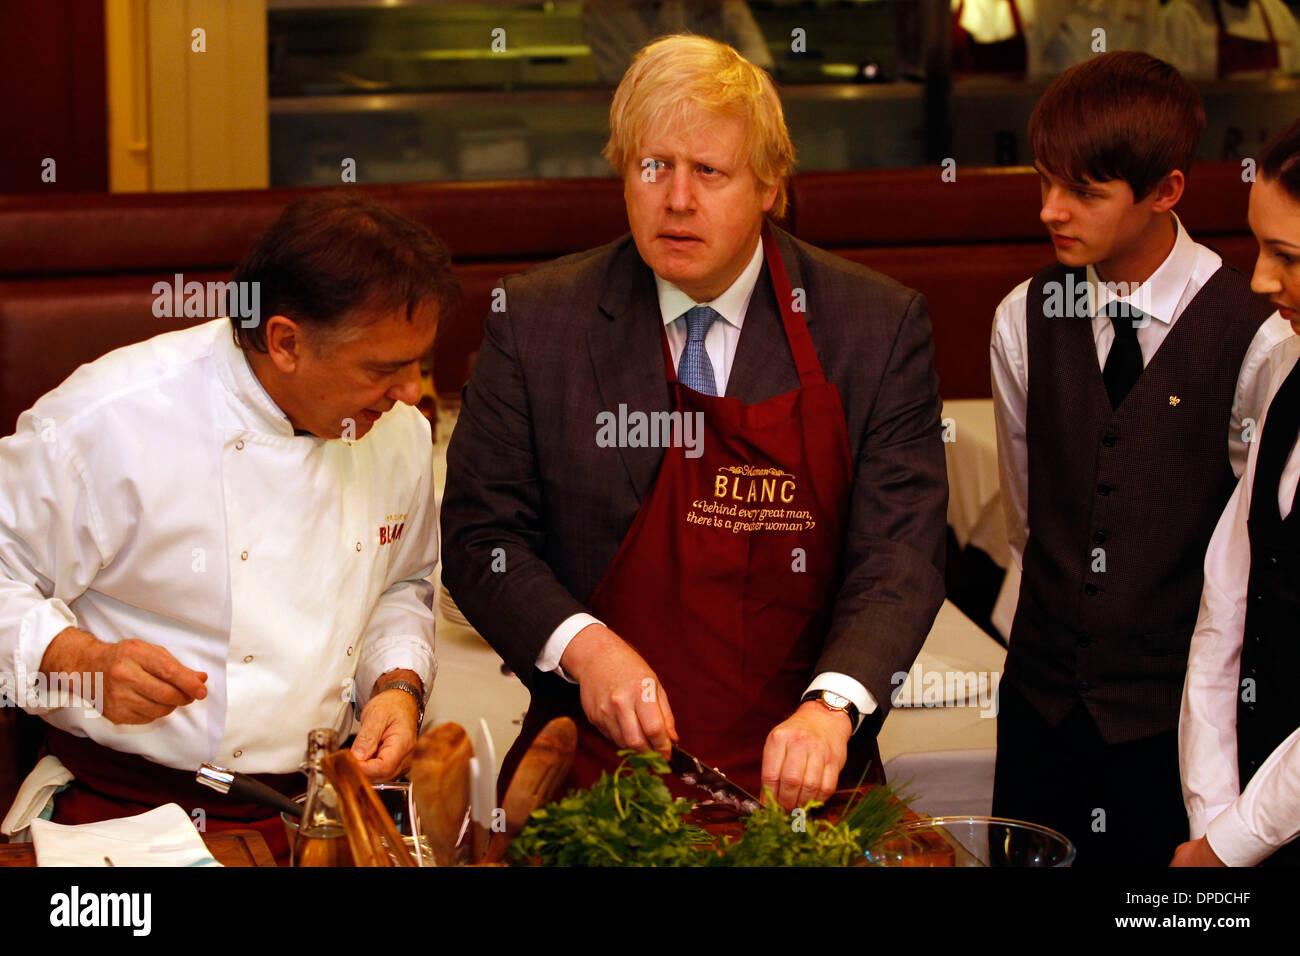 Foto-Shooting für Bürgermeister von London, Boris Johnson, mit dem Küchenchef Raymond Blanc Stockbild